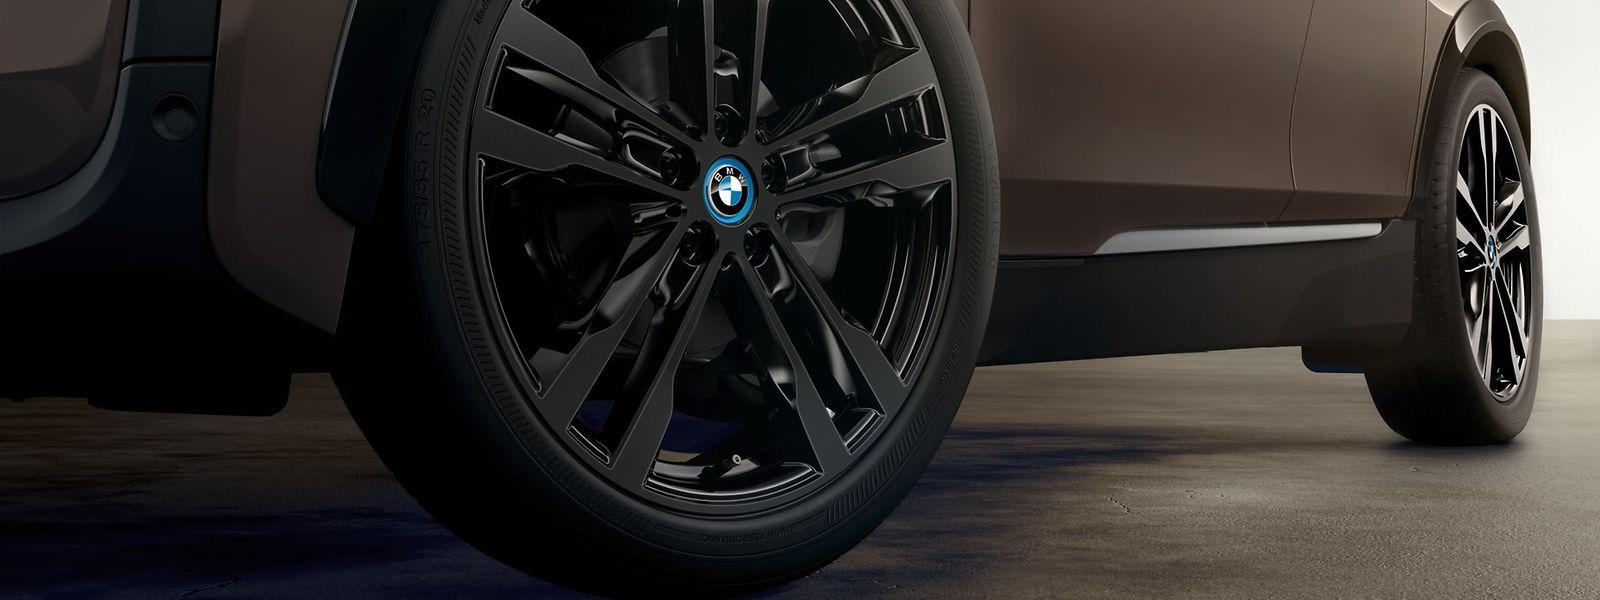 Stromer wie der BMW i3 fahren auf verhältnismäßig dünnen Reifen vor.